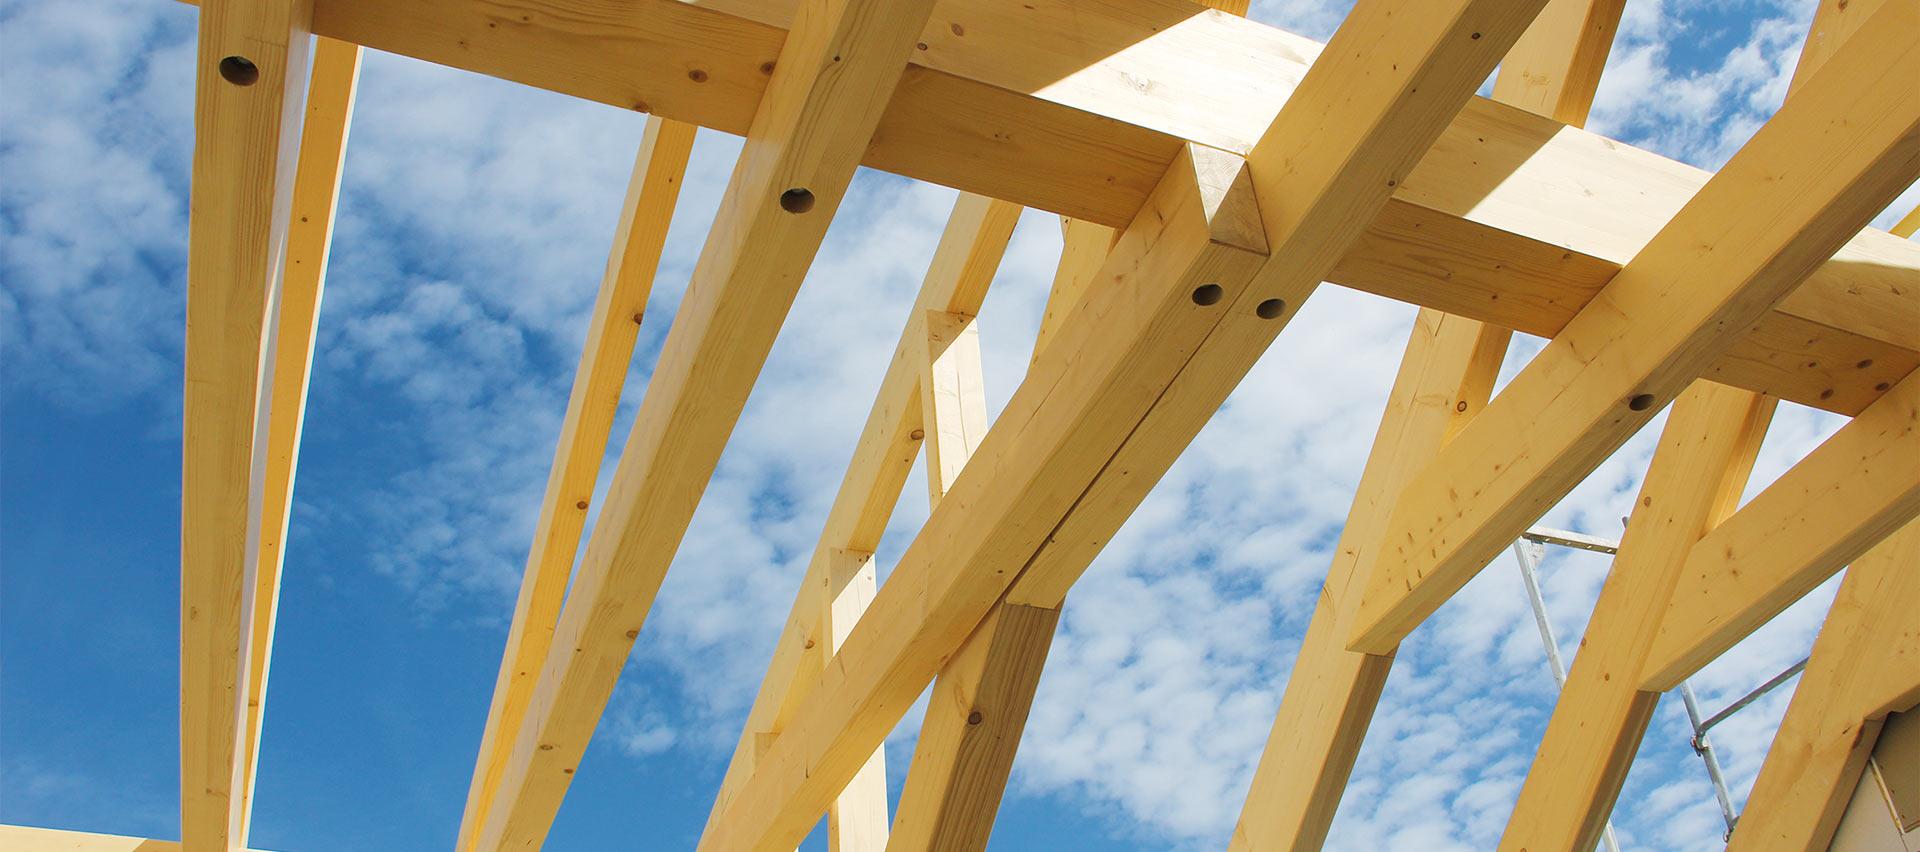 Konstruktionsvollholz für den Giebel von Holz-Hauff in Leingarten